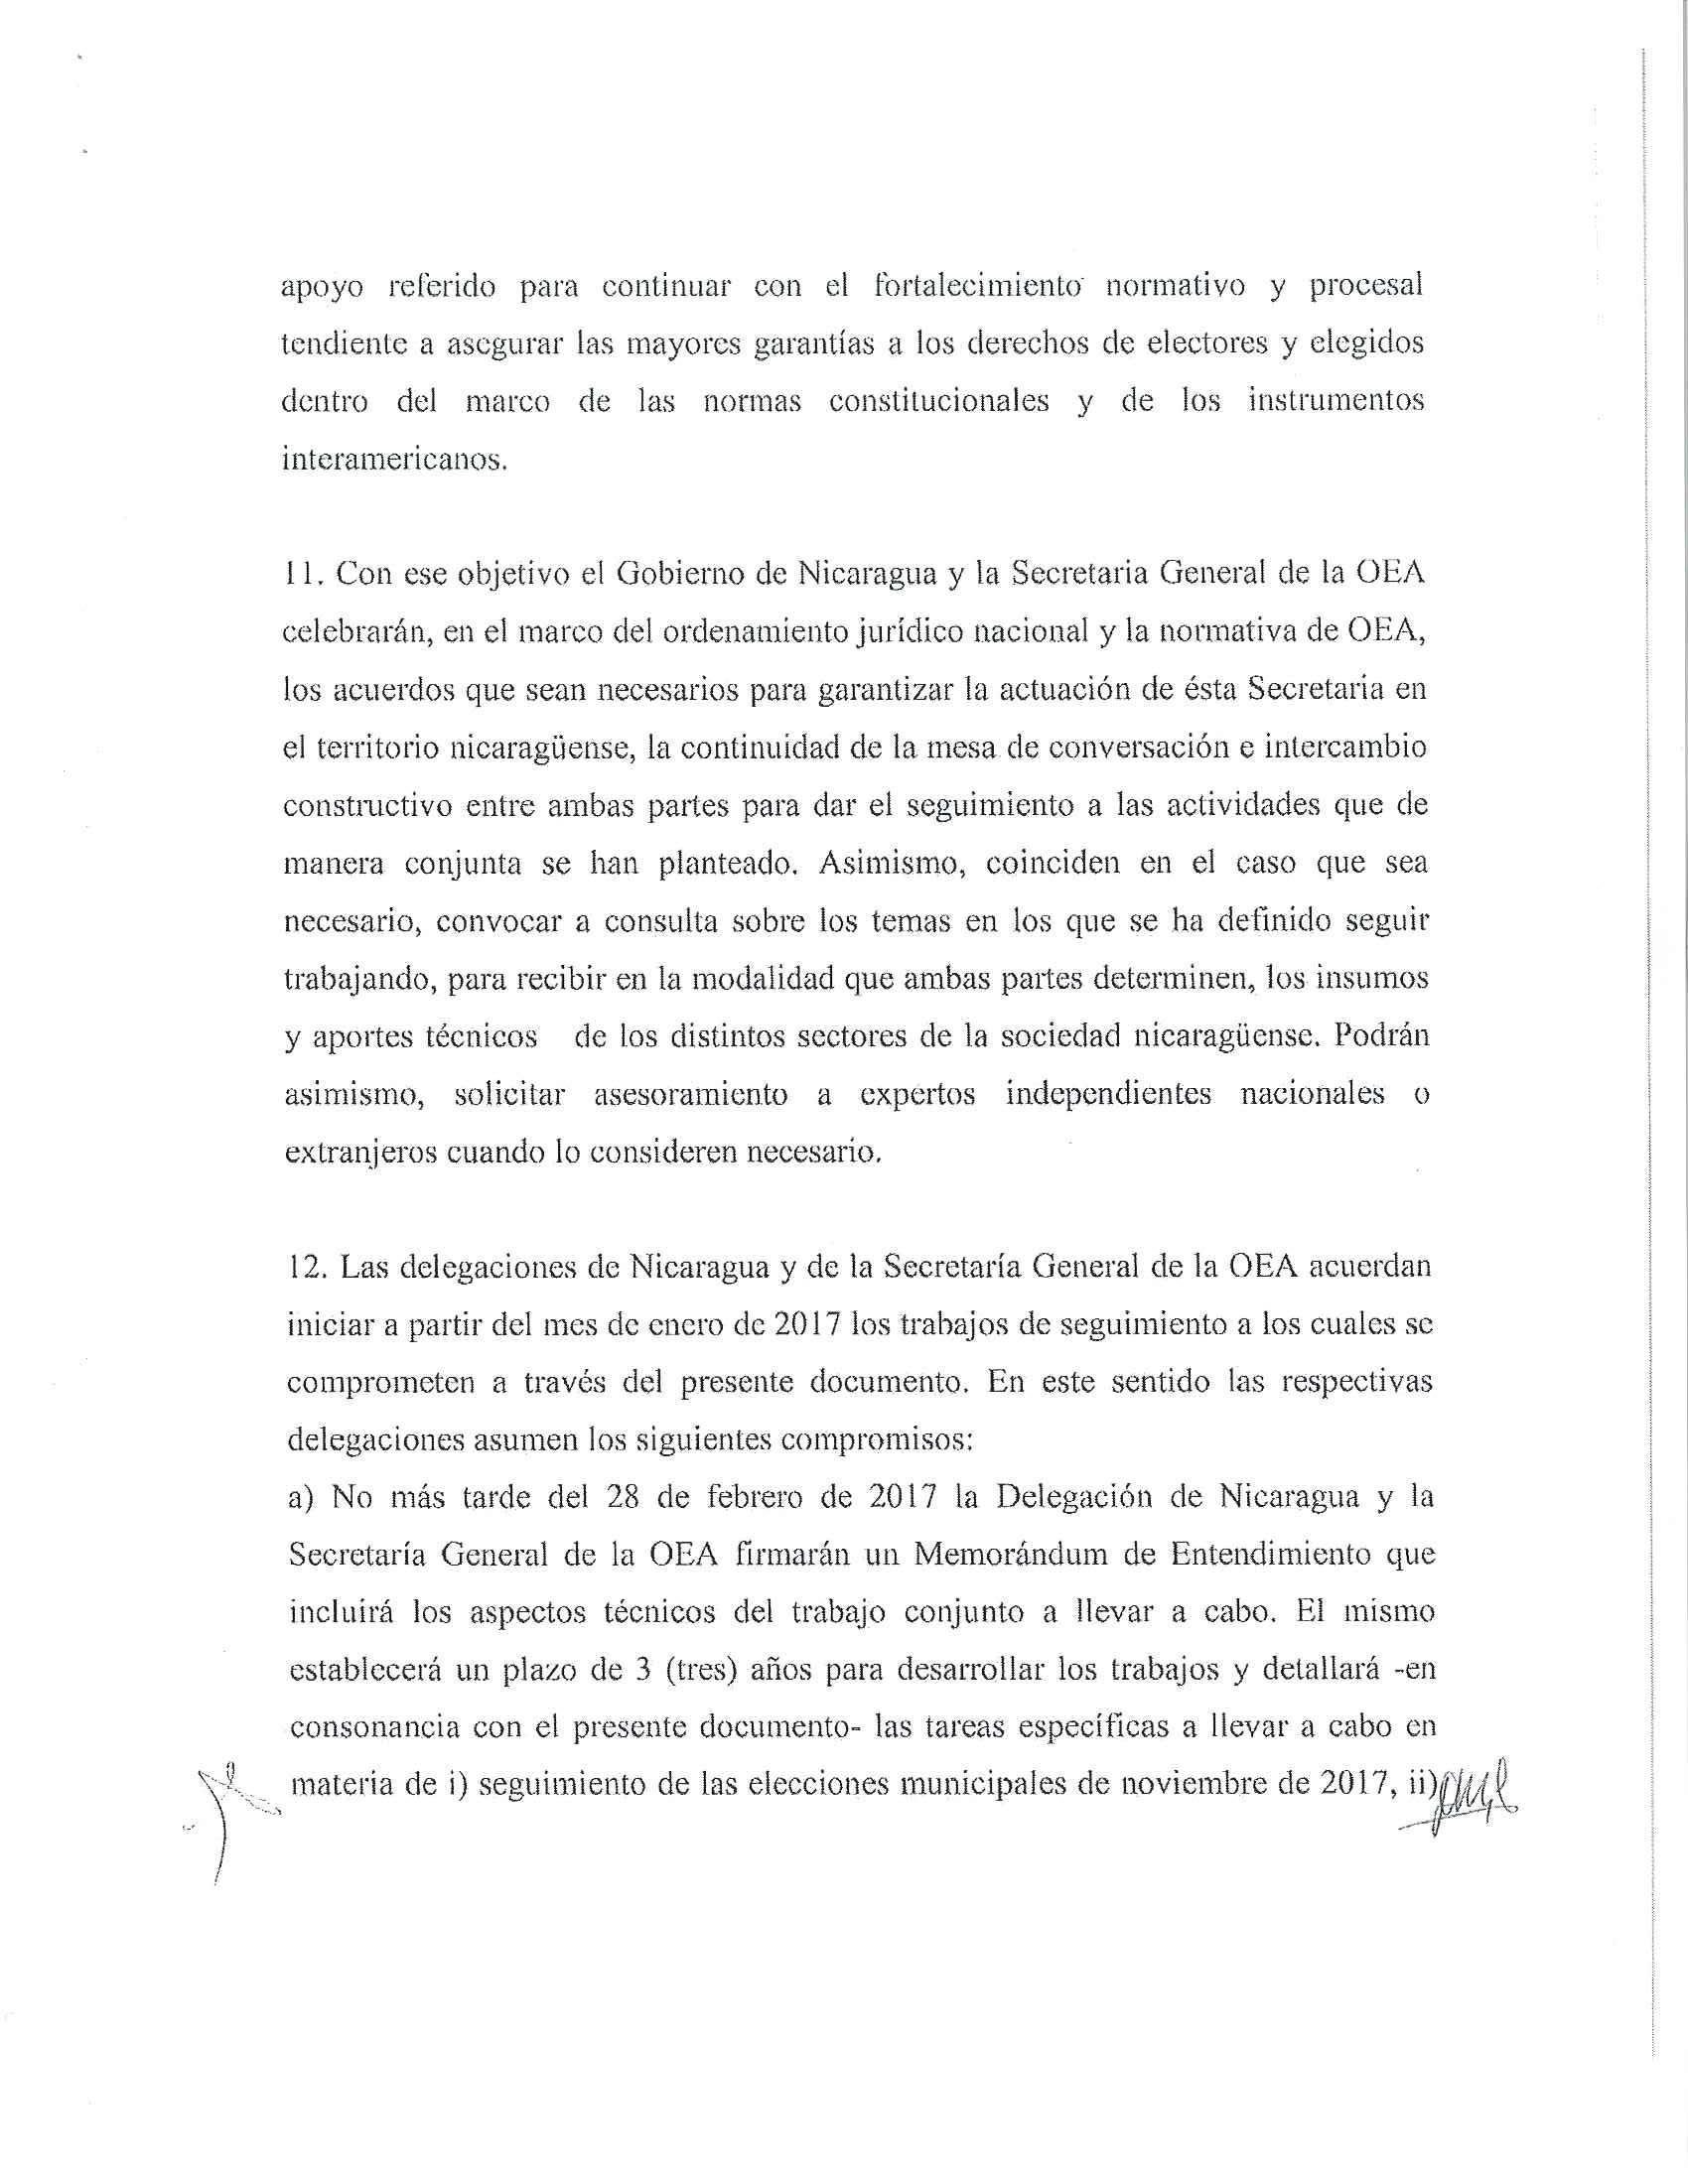 Acuerdo Nicaragua OEA 2017 5/6